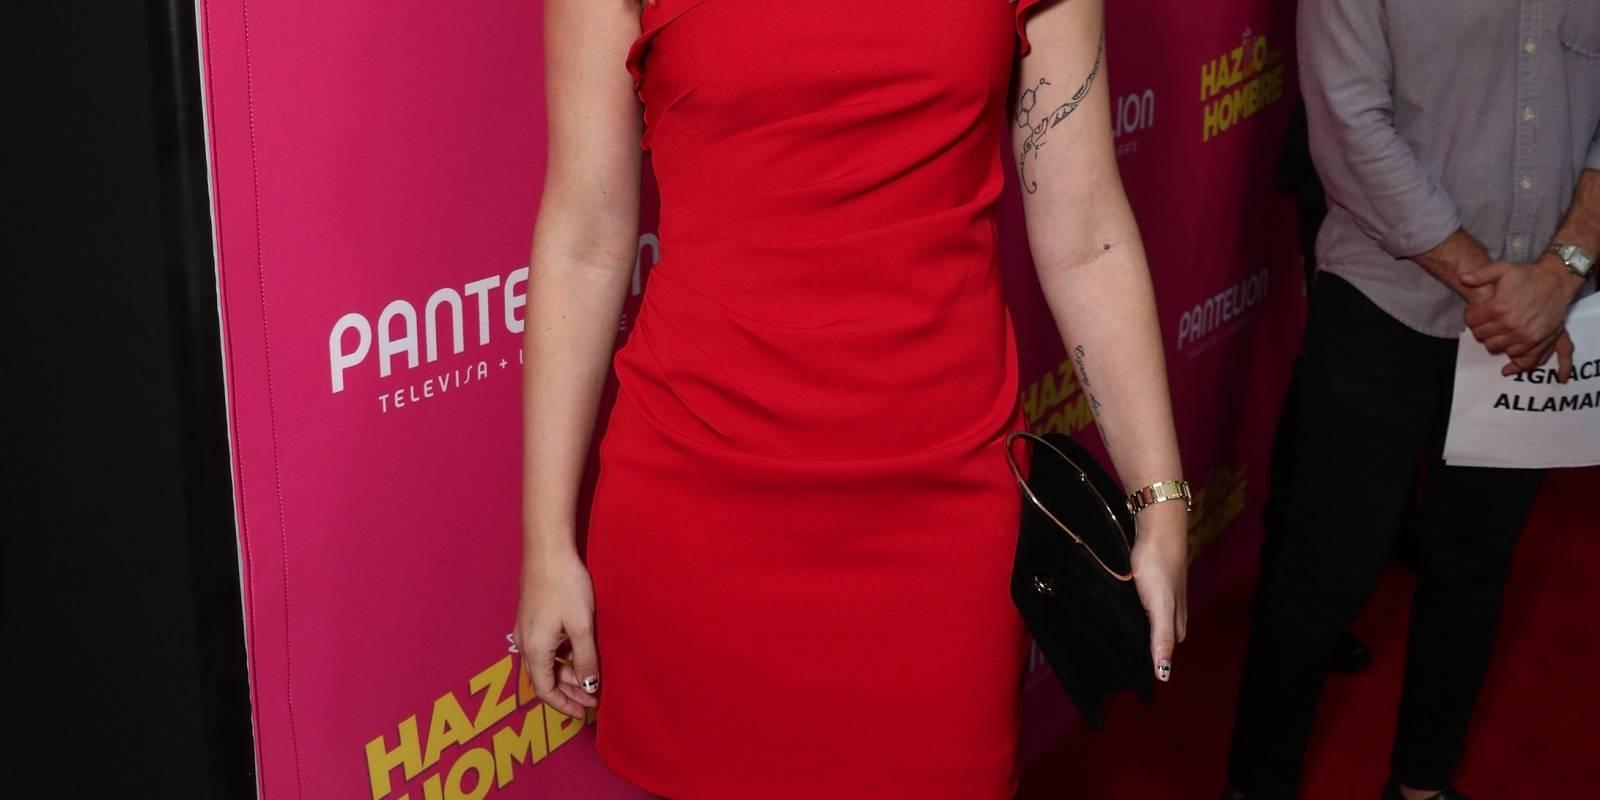 La actriz chilena Ignacia Allamand. Cortesía